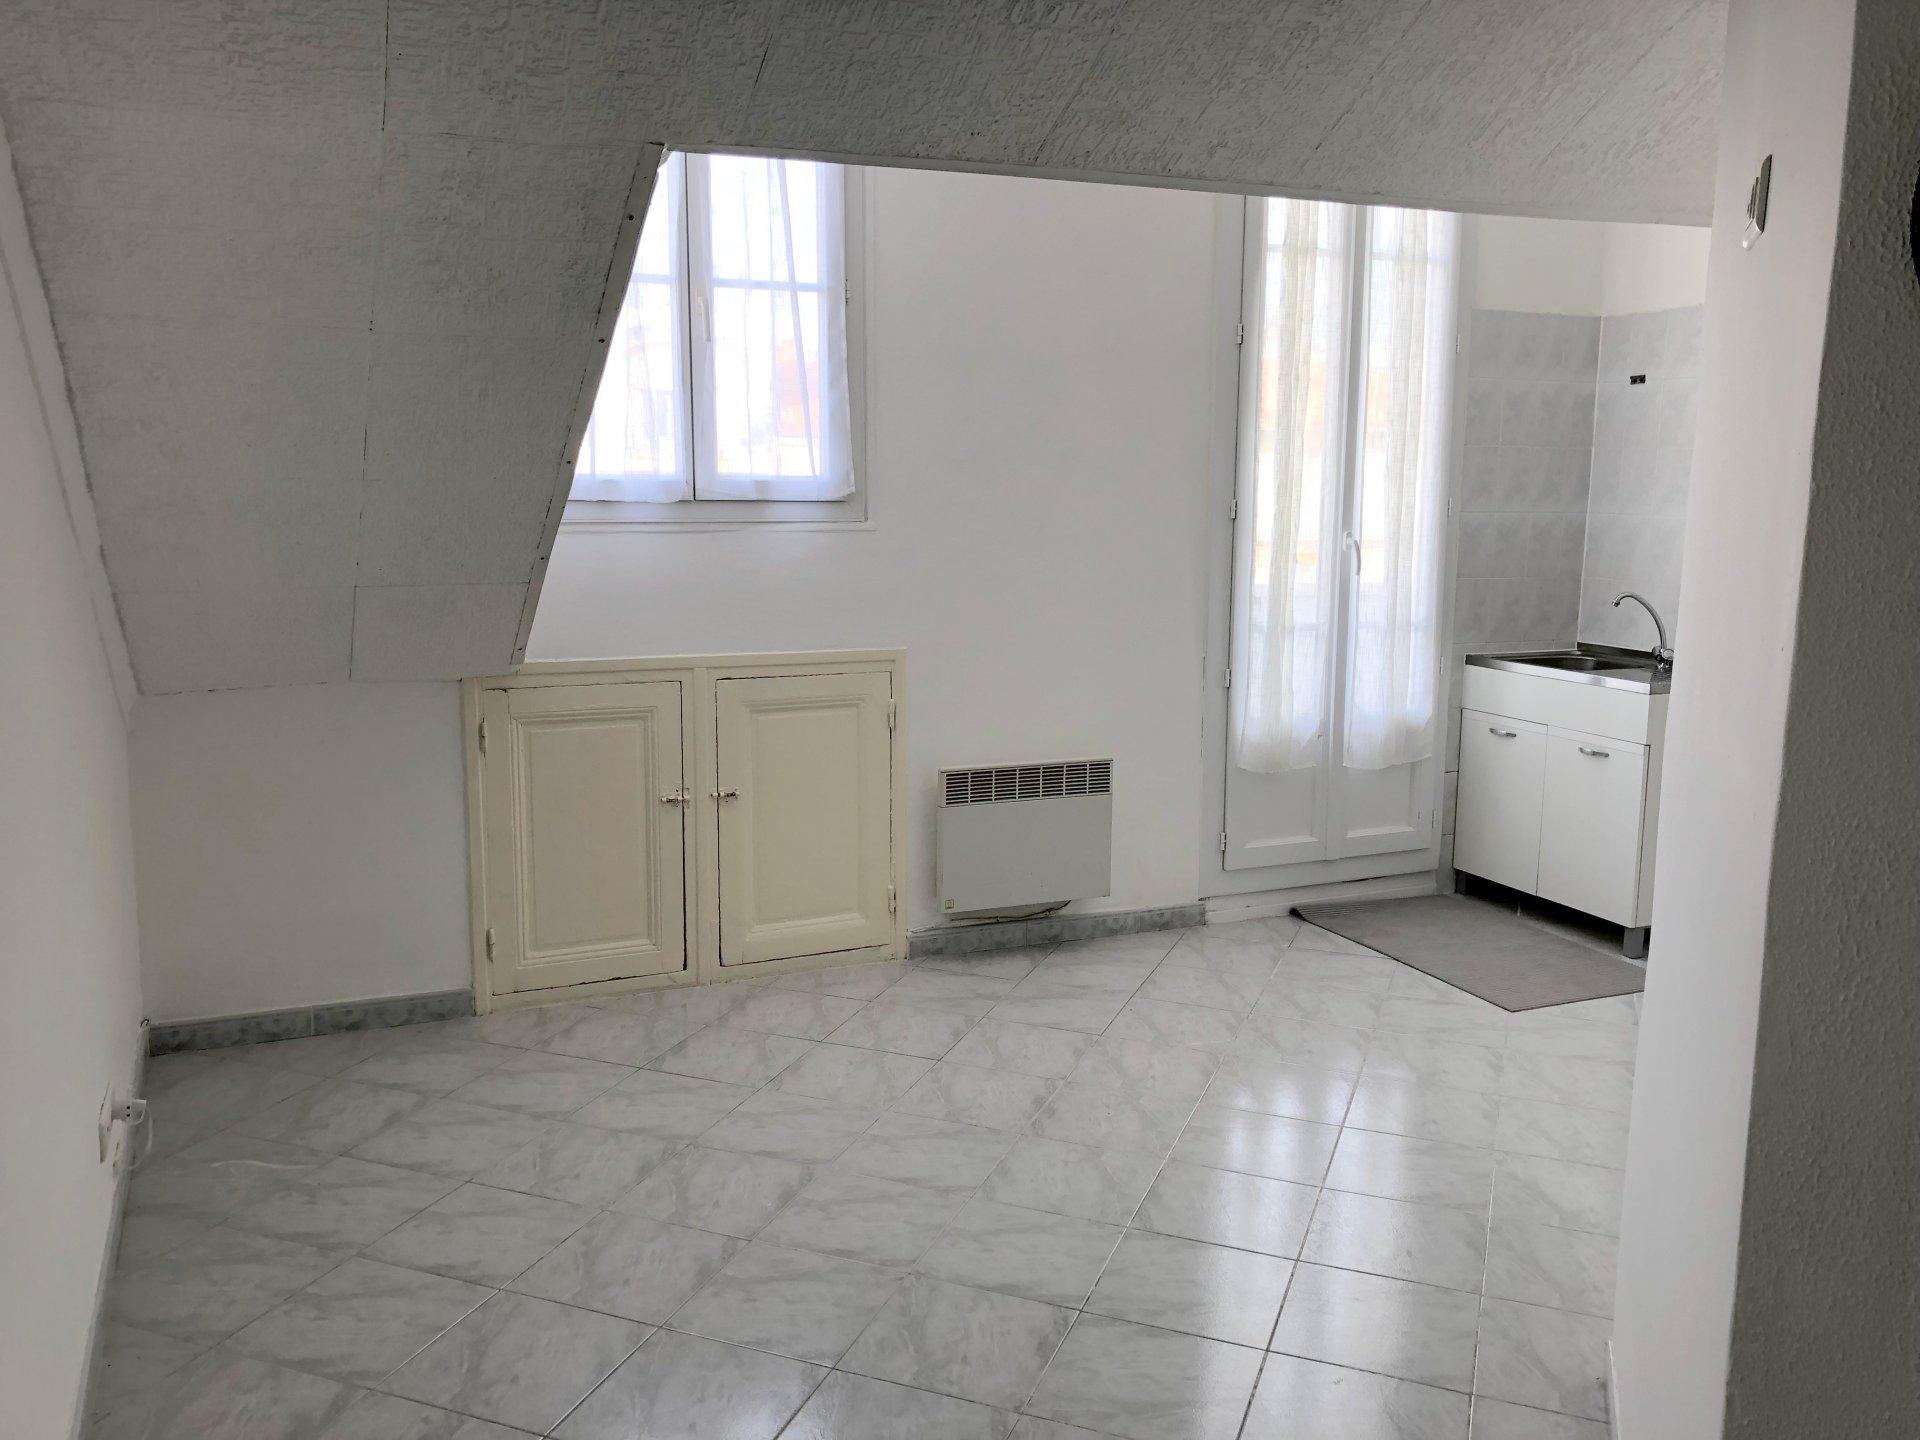 Location Nice, 2 pièces 25.55m² situé rue Pastorelli